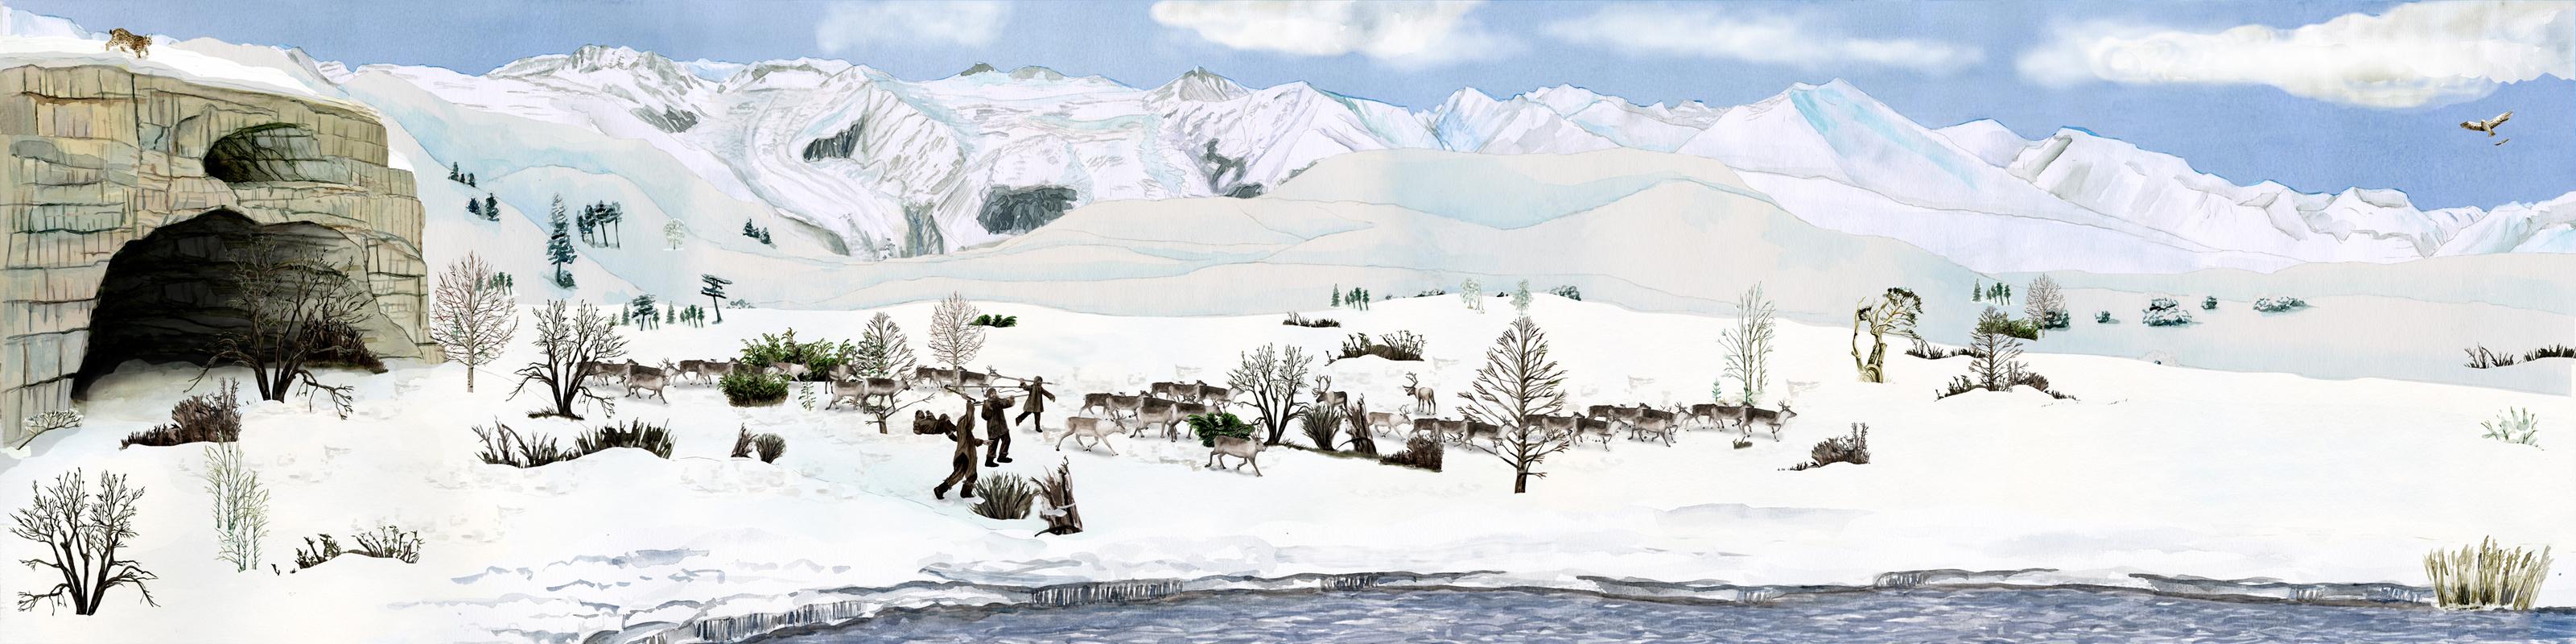 Paläolithikum moderner Mensch, stone age